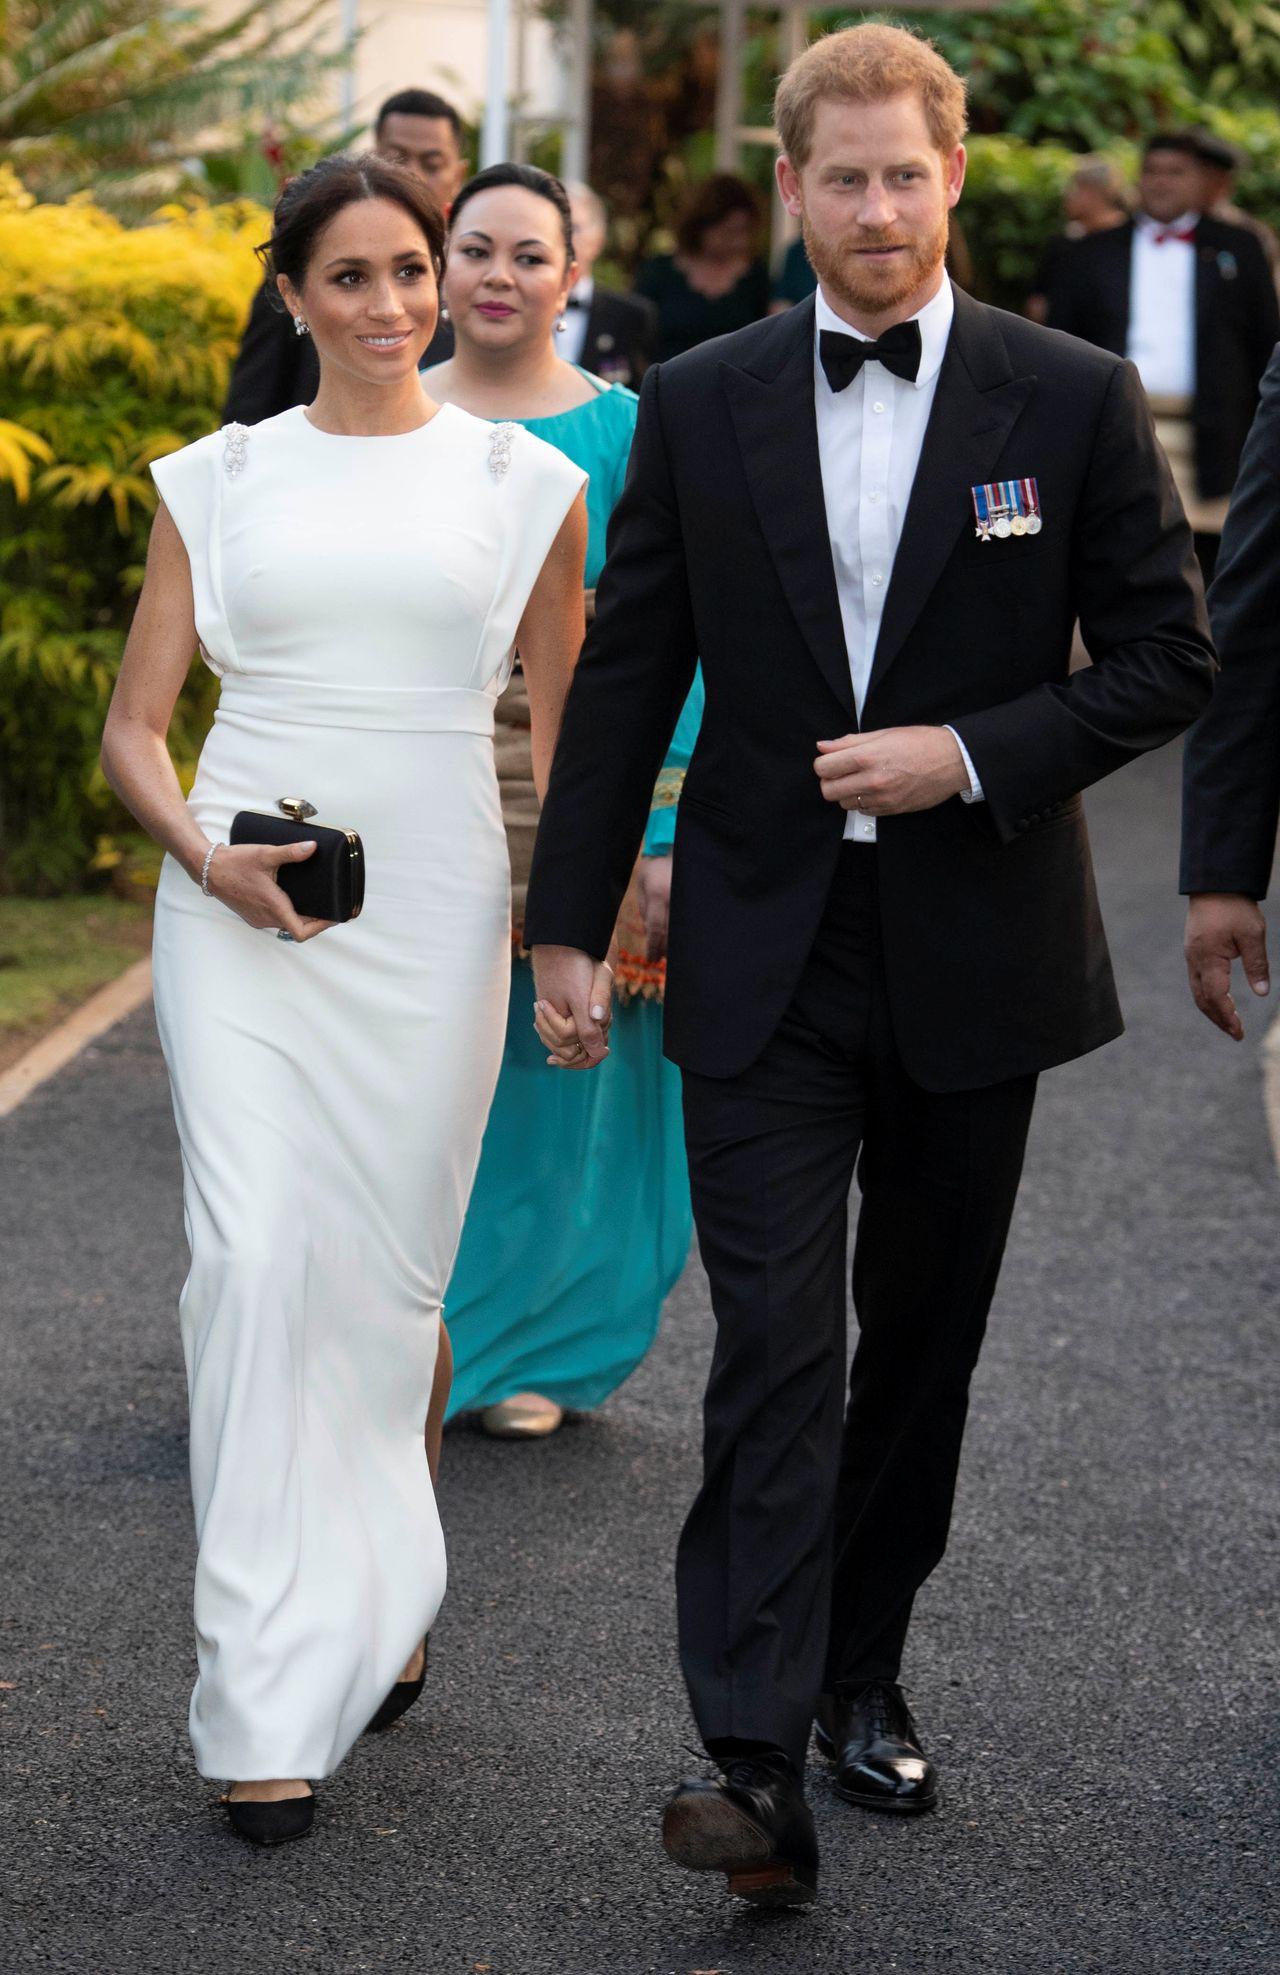 George i Amal Clooney będą chrzestnymi dziecka księcia Harry'ego i Meghan?